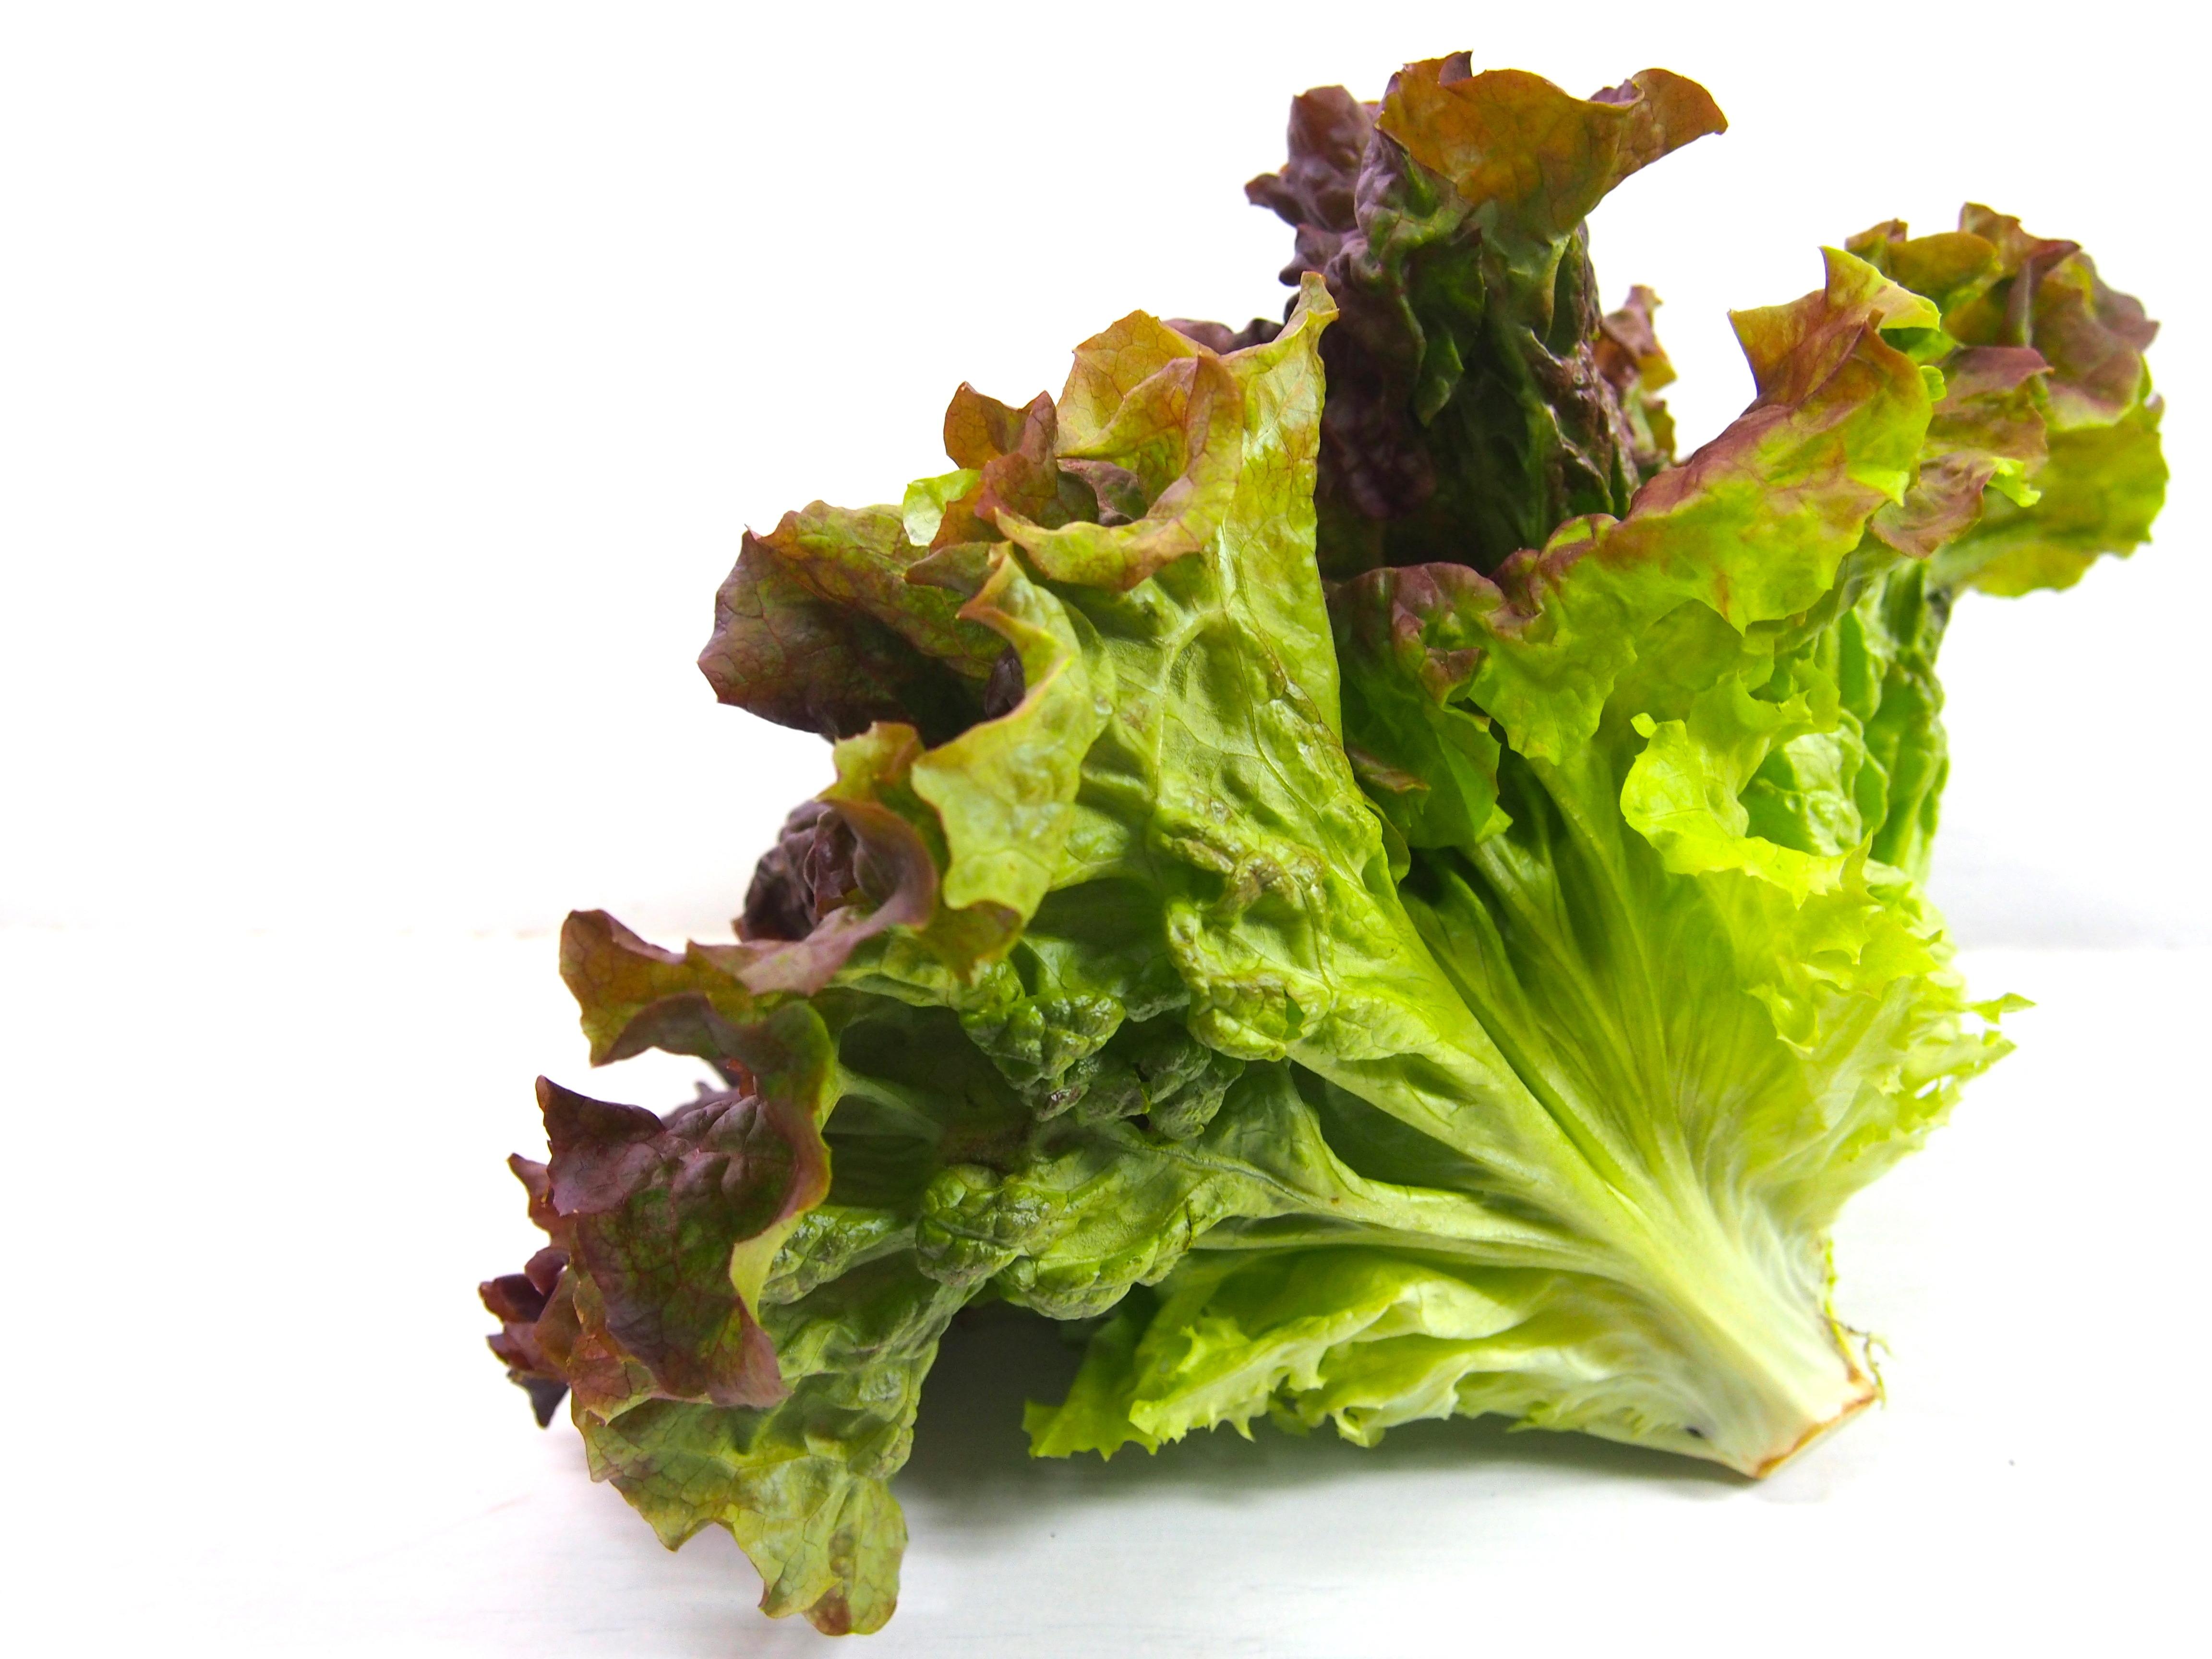 サラダにはサニーレタスがおすすめ!栄養豊富なサニーレタスの秘密のサムネイル画像